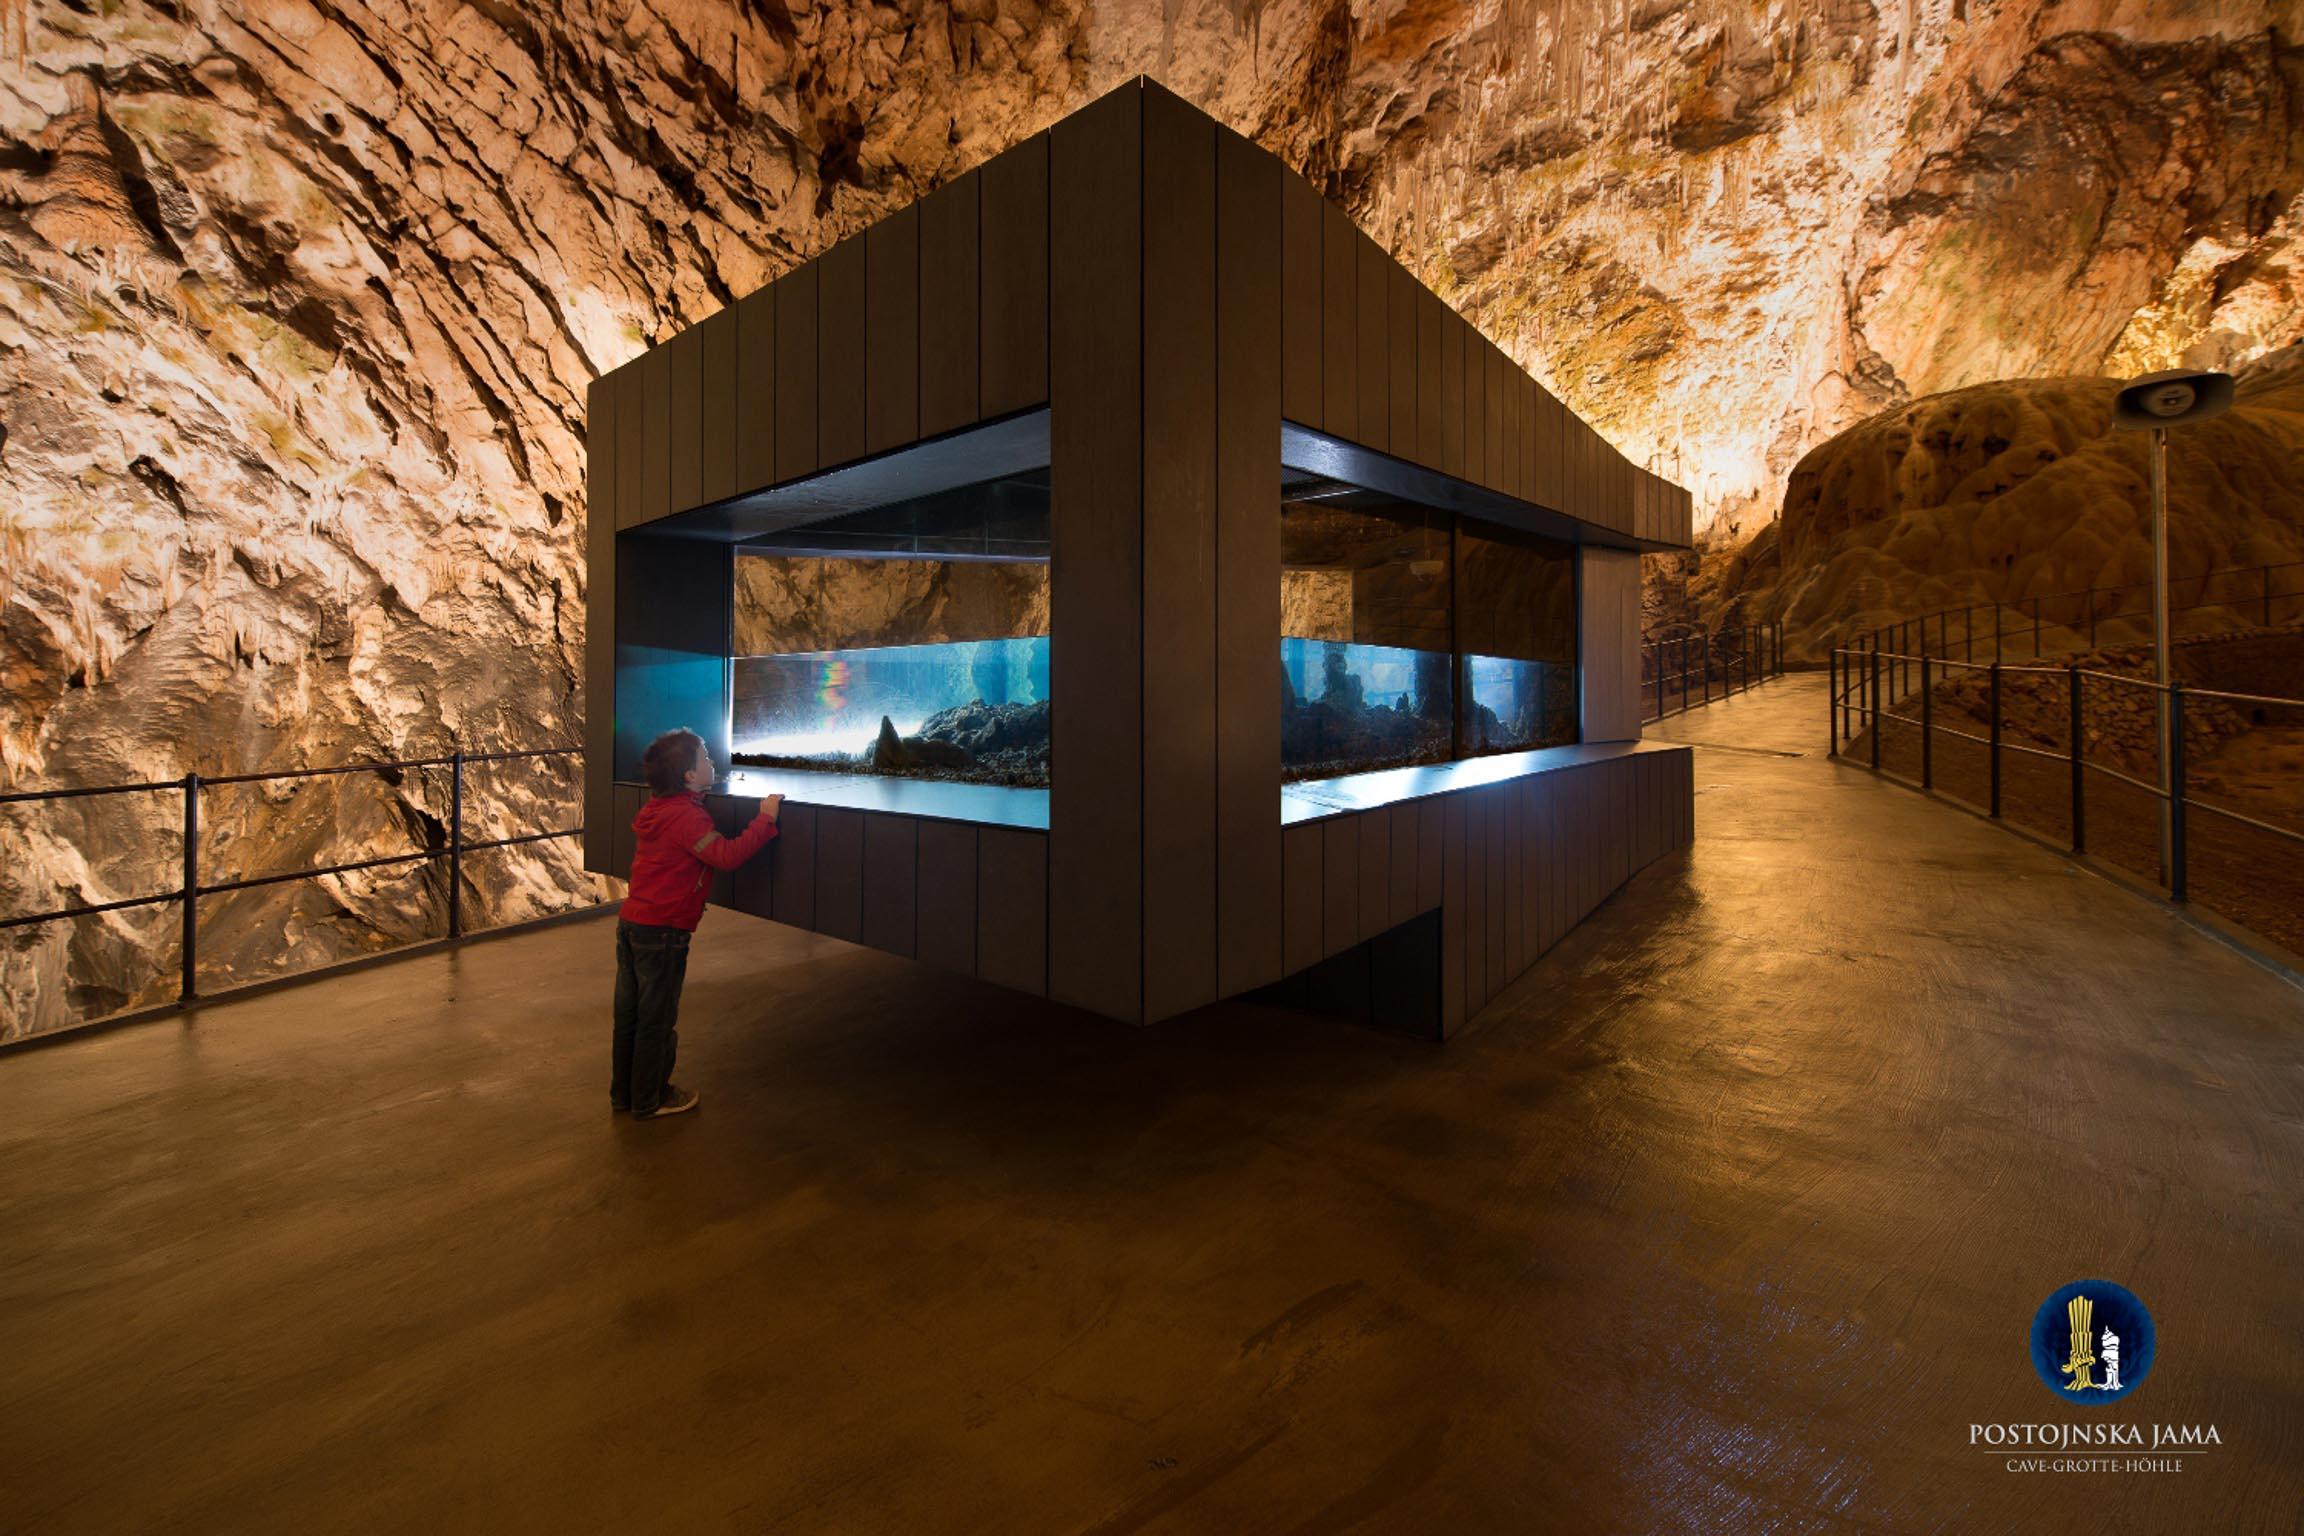 La Grotta del proteo - il protagonista delle Grotte di Postumia